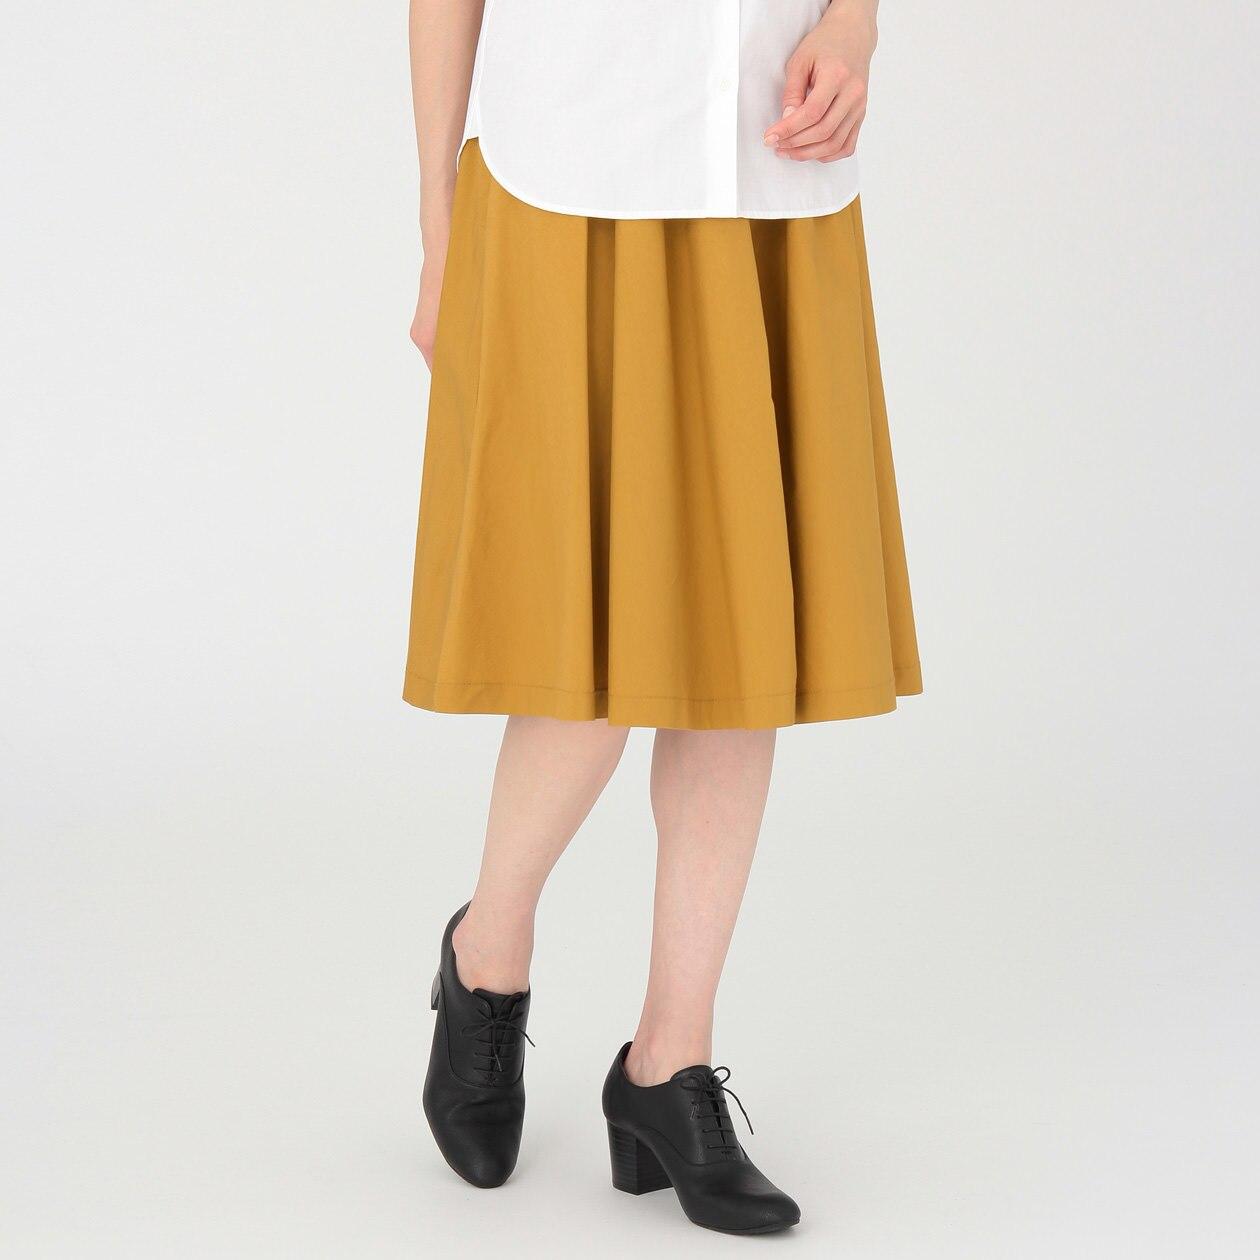 綿混ダンプイージーワイドギャザースカート